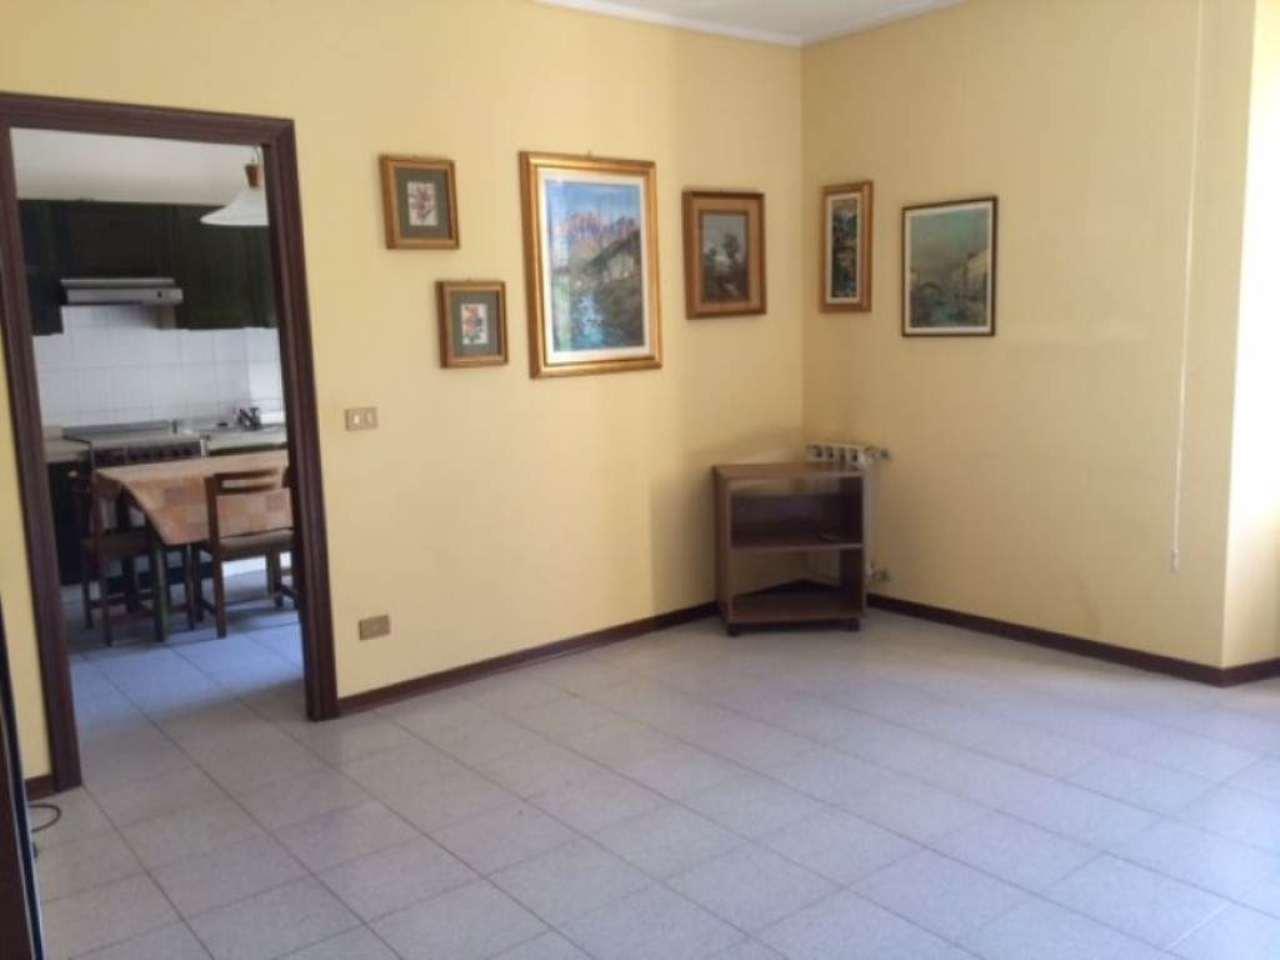 Appartamento in vendita a Sarezzo, 2 locali, prezzo € 99.000 | Cambio Casa.it